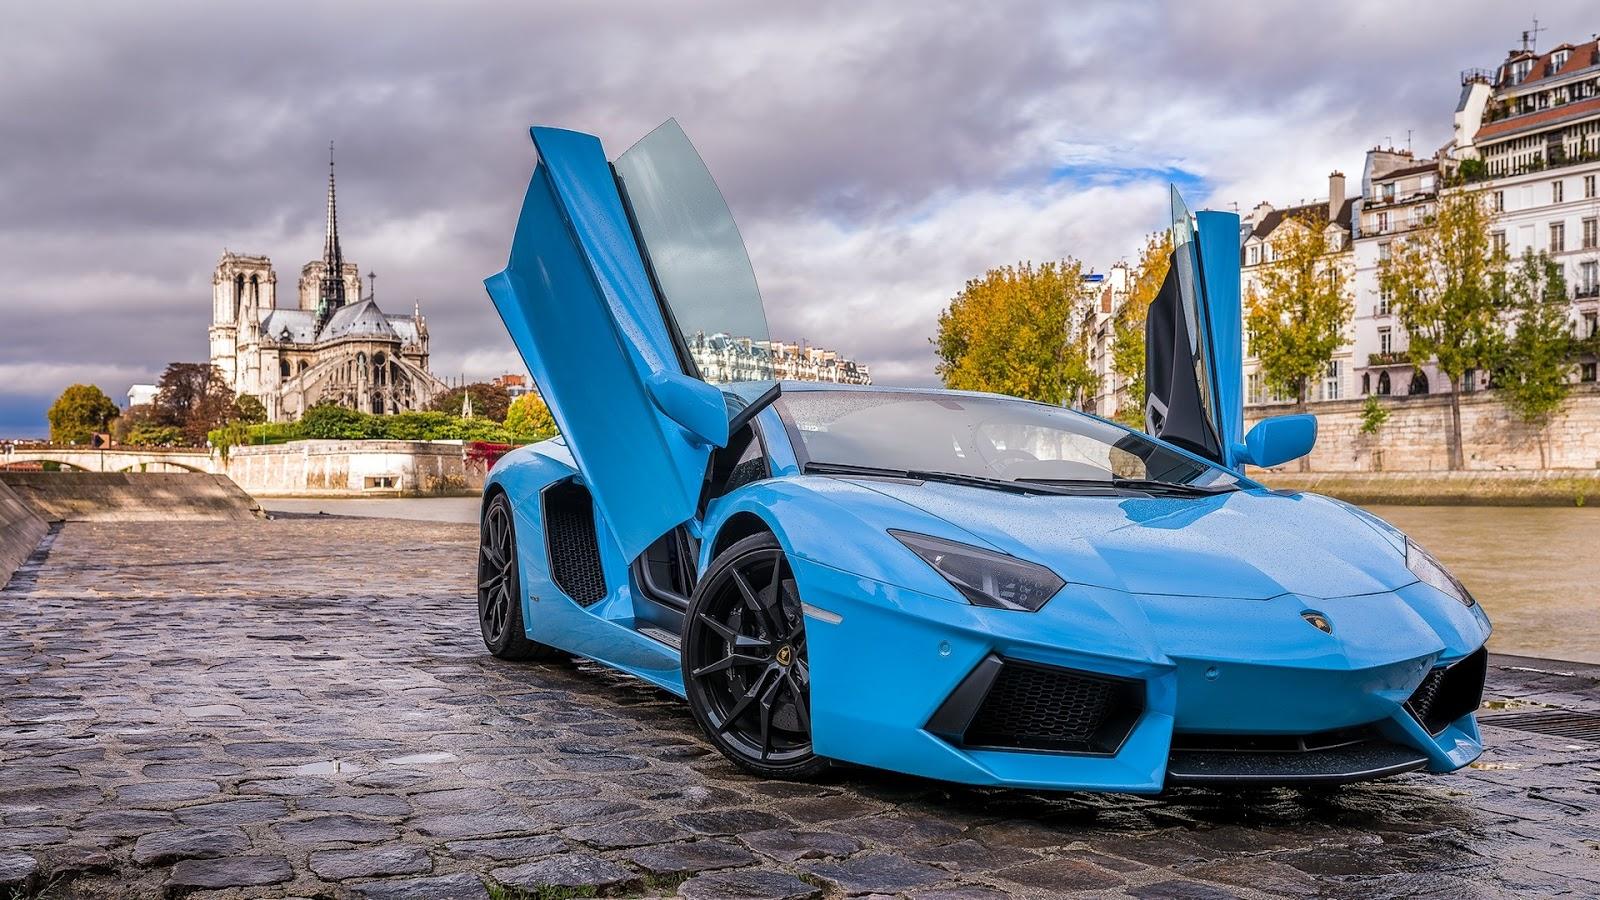 Sky Blue Lamborghini Wallpaper HD New